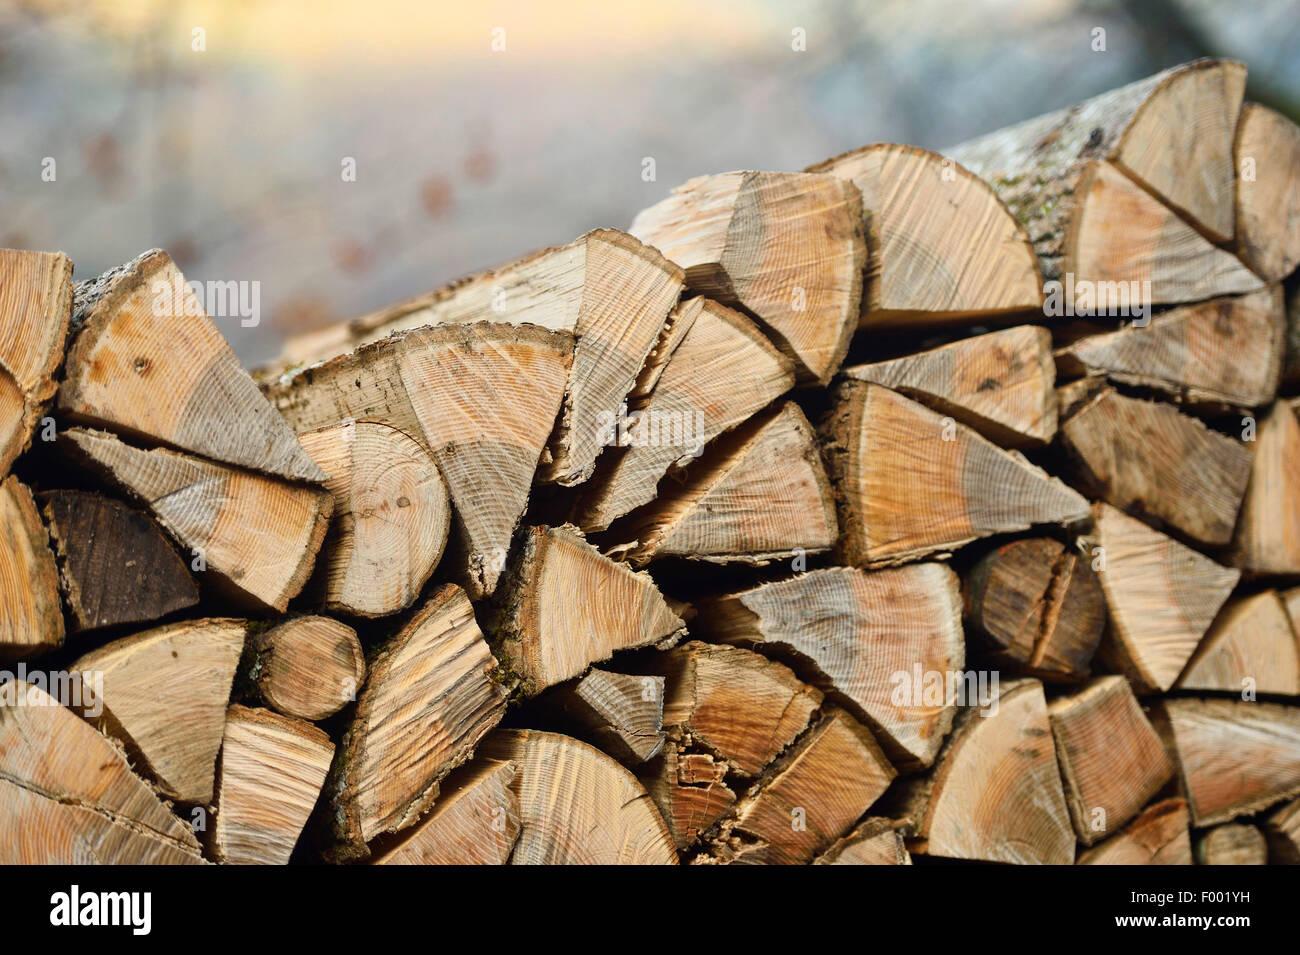 billet of wood, Austria - Stock Image